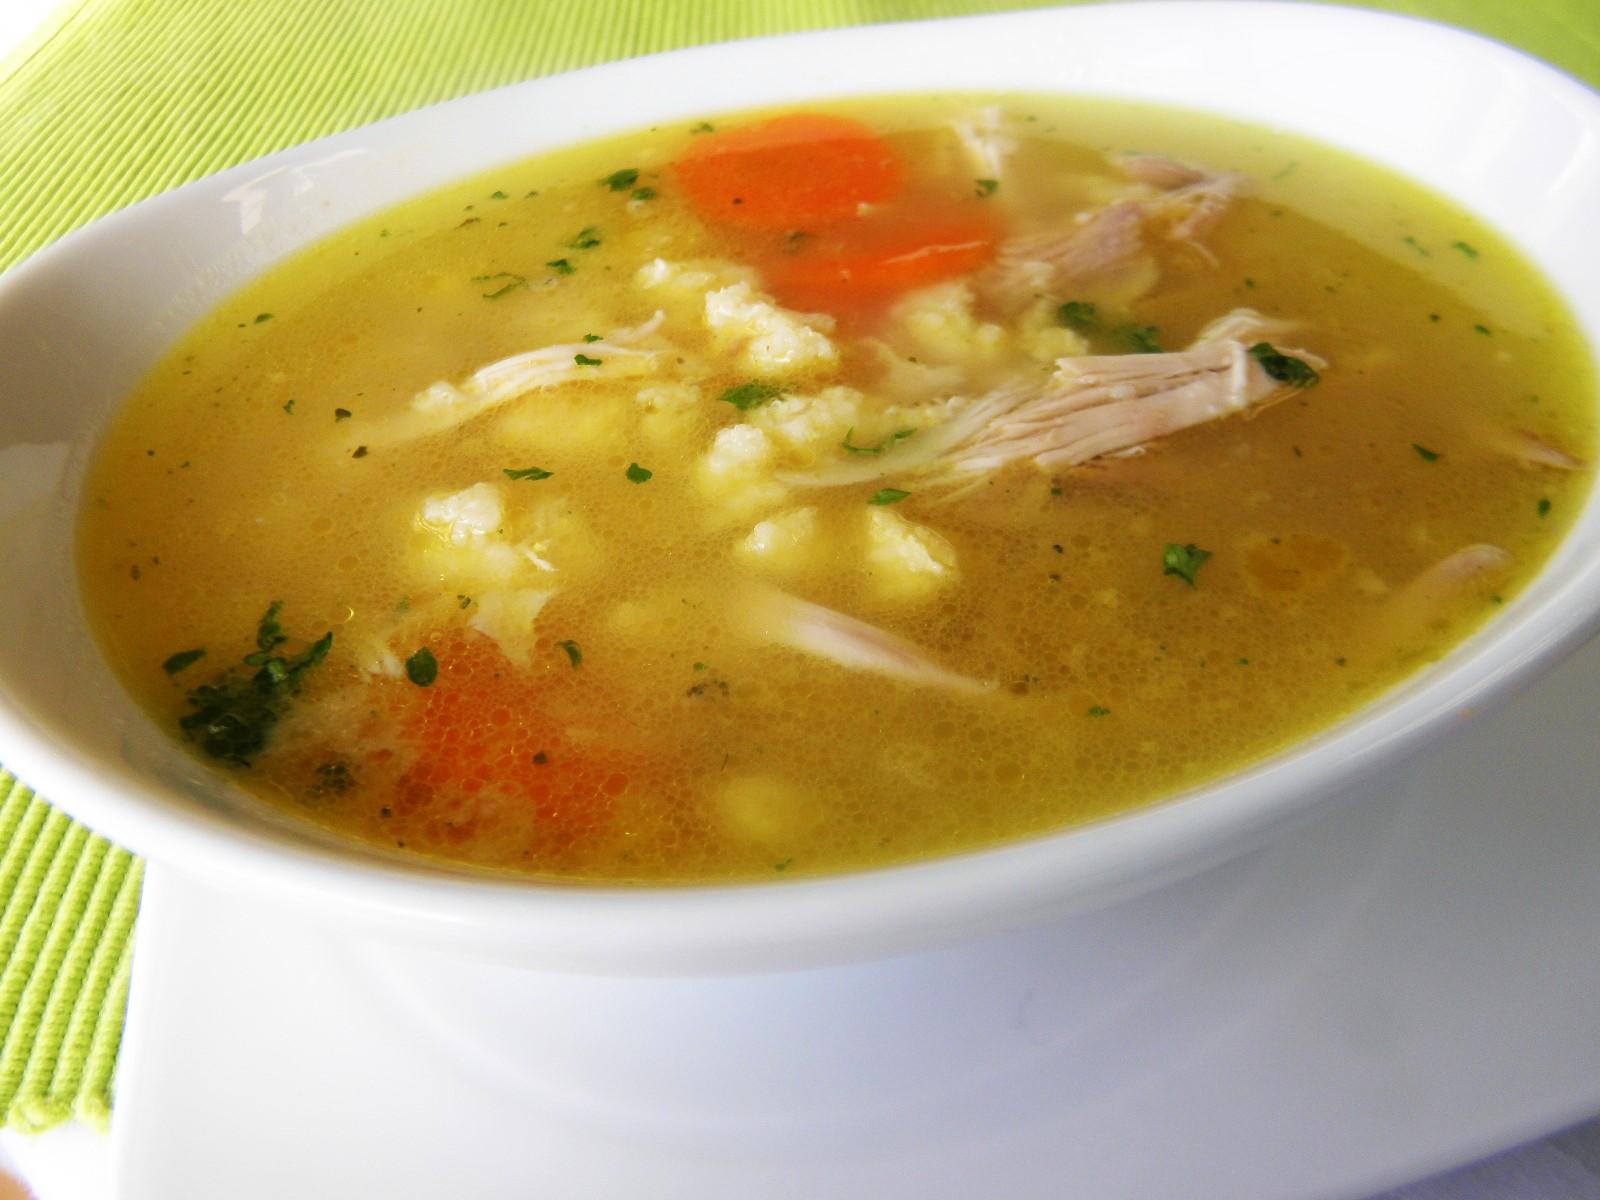 Kuřecí polévka s krupicovou zavářkou